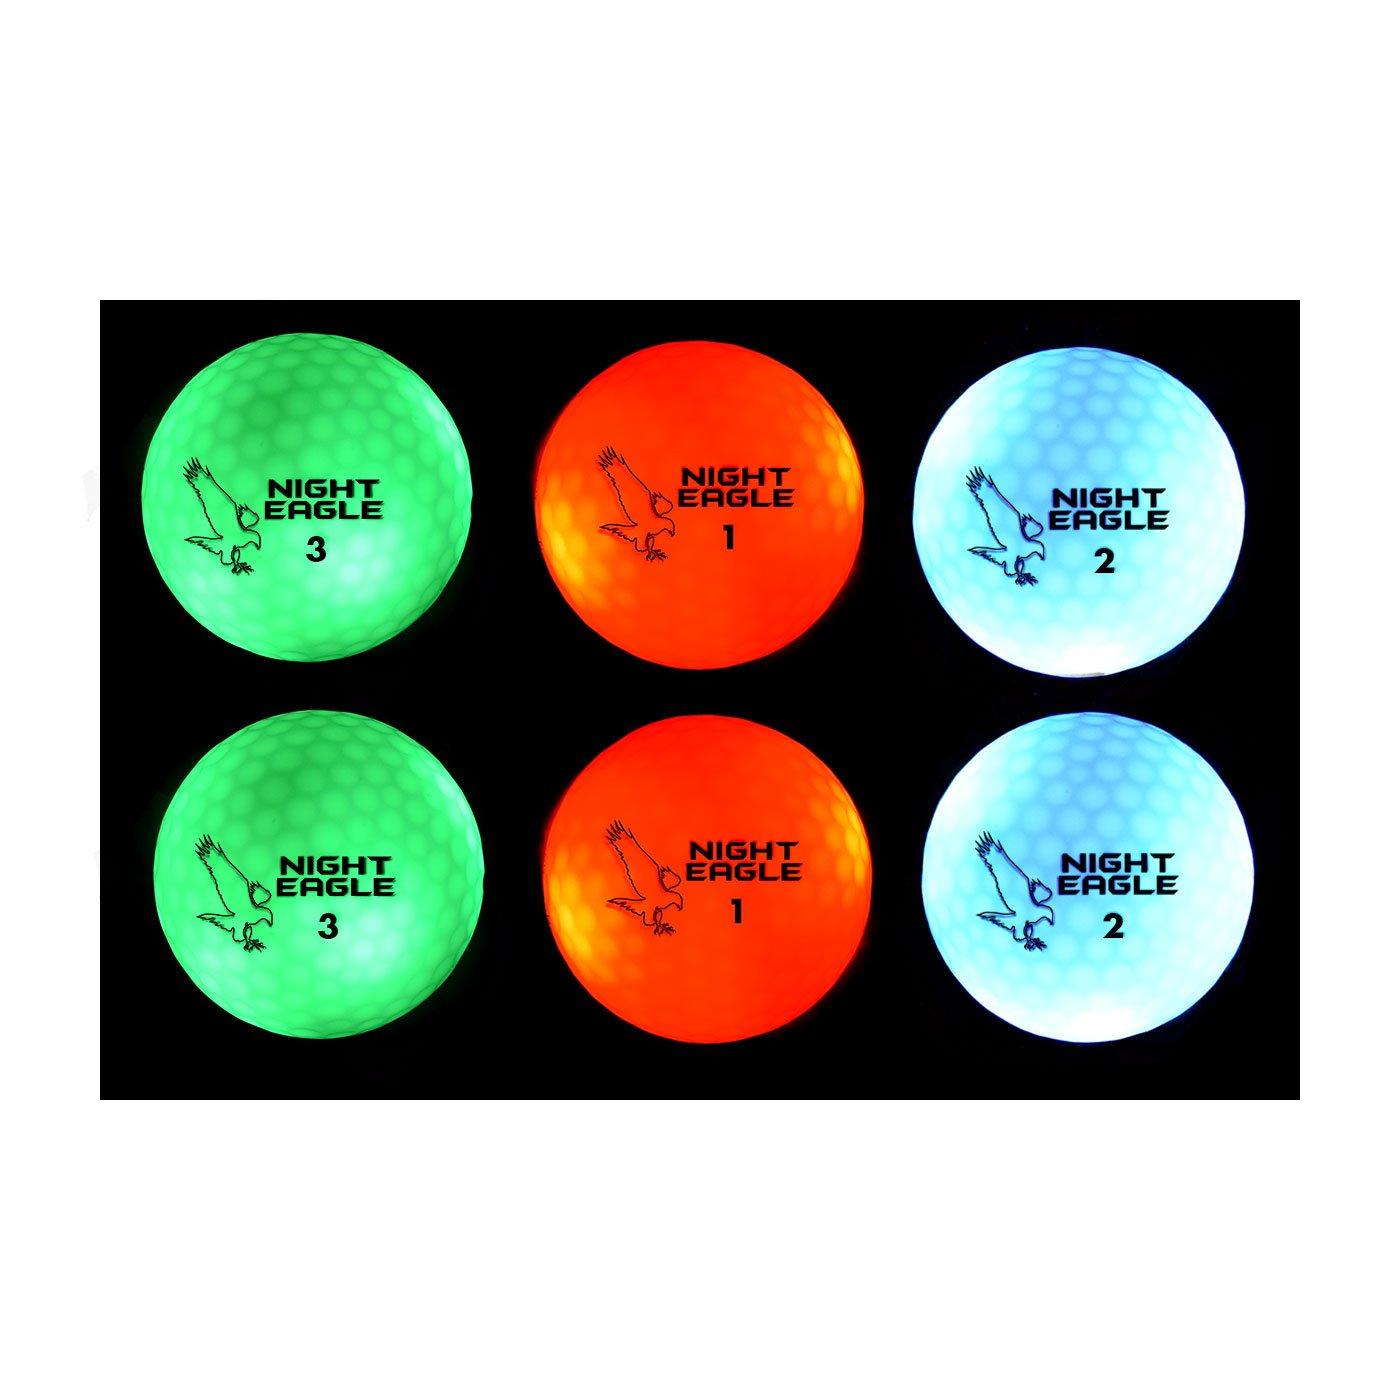 Night Eagle CV LED 光で点灯 ゴルフボール タイマーなし 6個入り B01BULQBL4 2xGreen,2xRed,2xBlue 2xGreen,2xRed,2xBlue